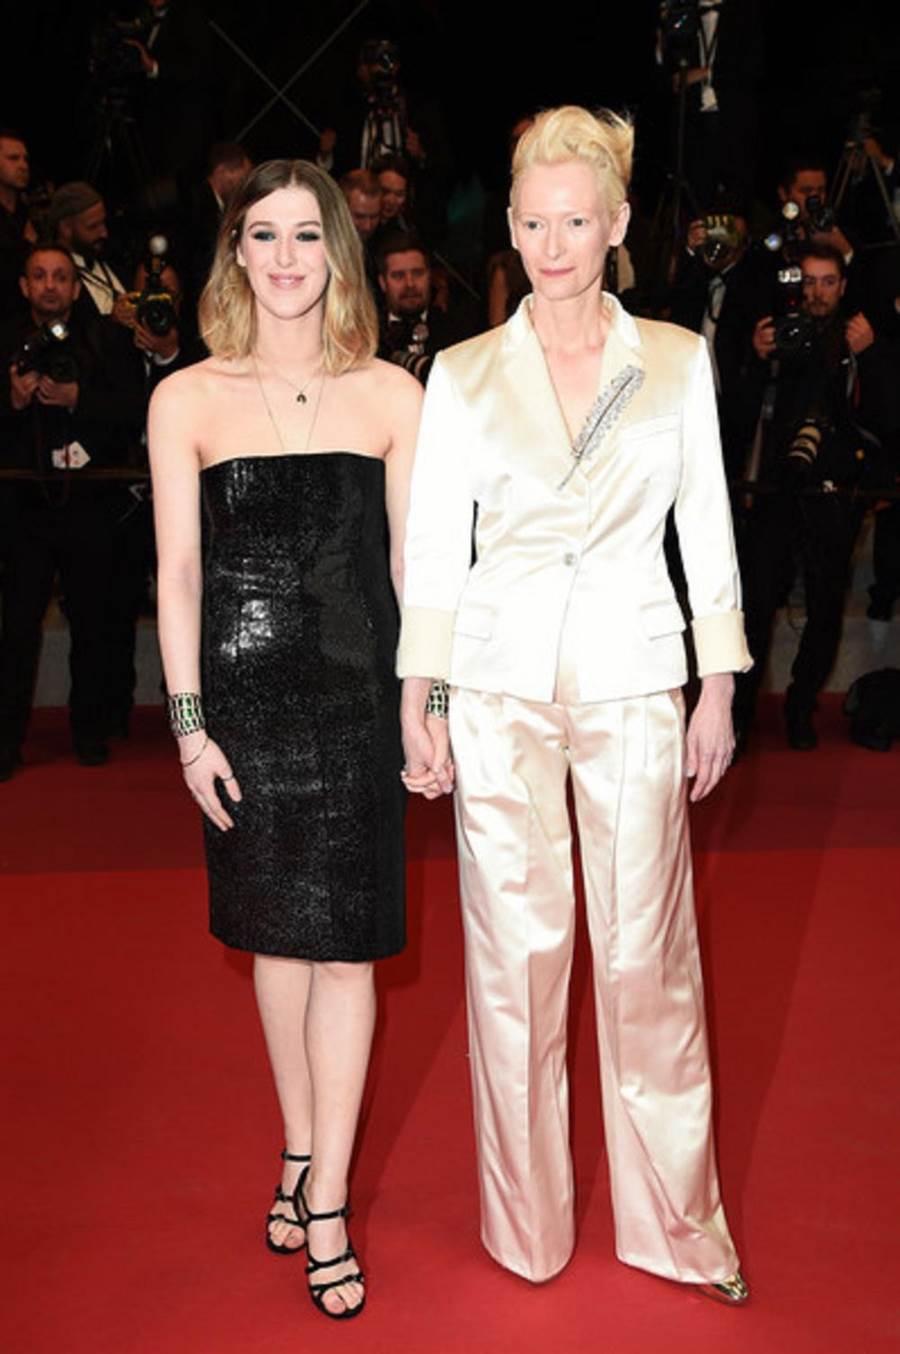 蒂達史雲頓(右)牽著愛女沃娜史雲頓拜恩到場觀影。(擷取自網路)